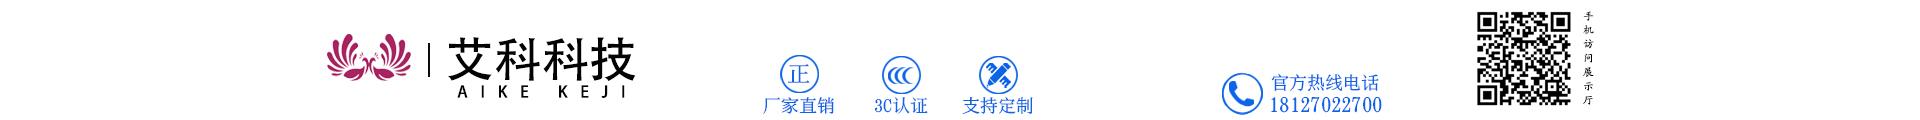 東莞艾科智慧科技有限公司